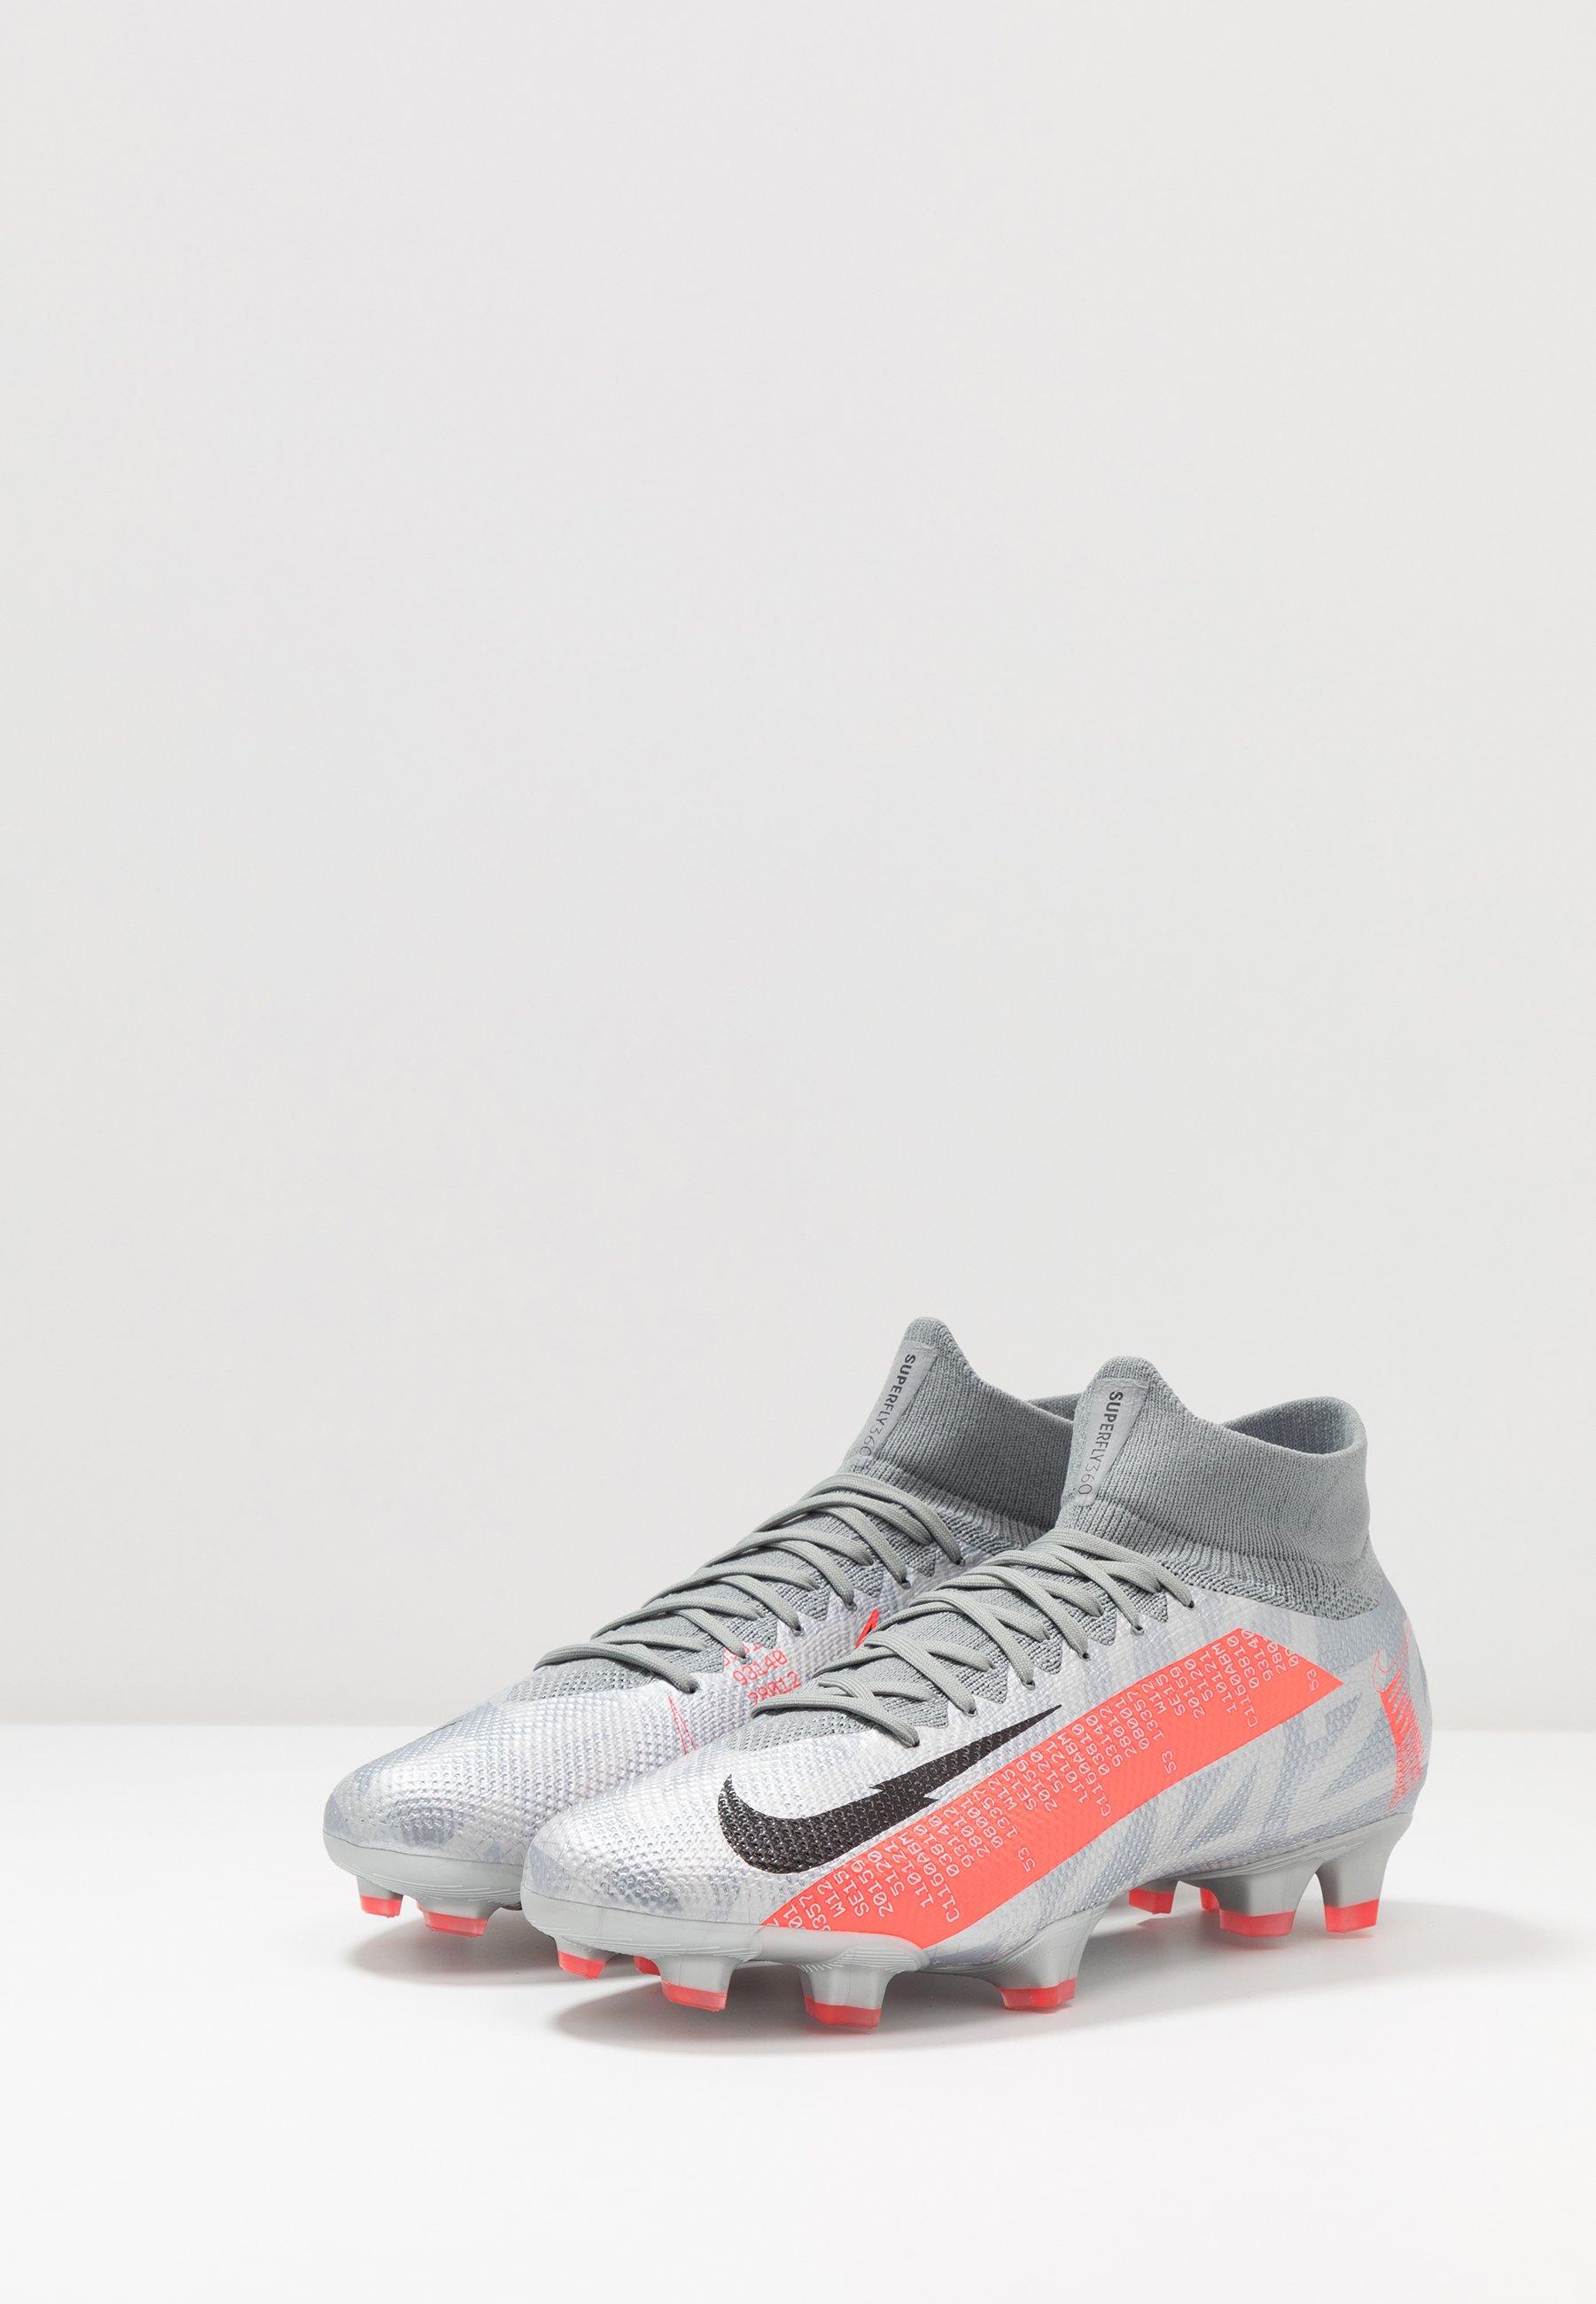 MERCURIAL 7 PRO FG Voetbalschoenen met kunststof noppen metallic bomber greyblackparticle grey